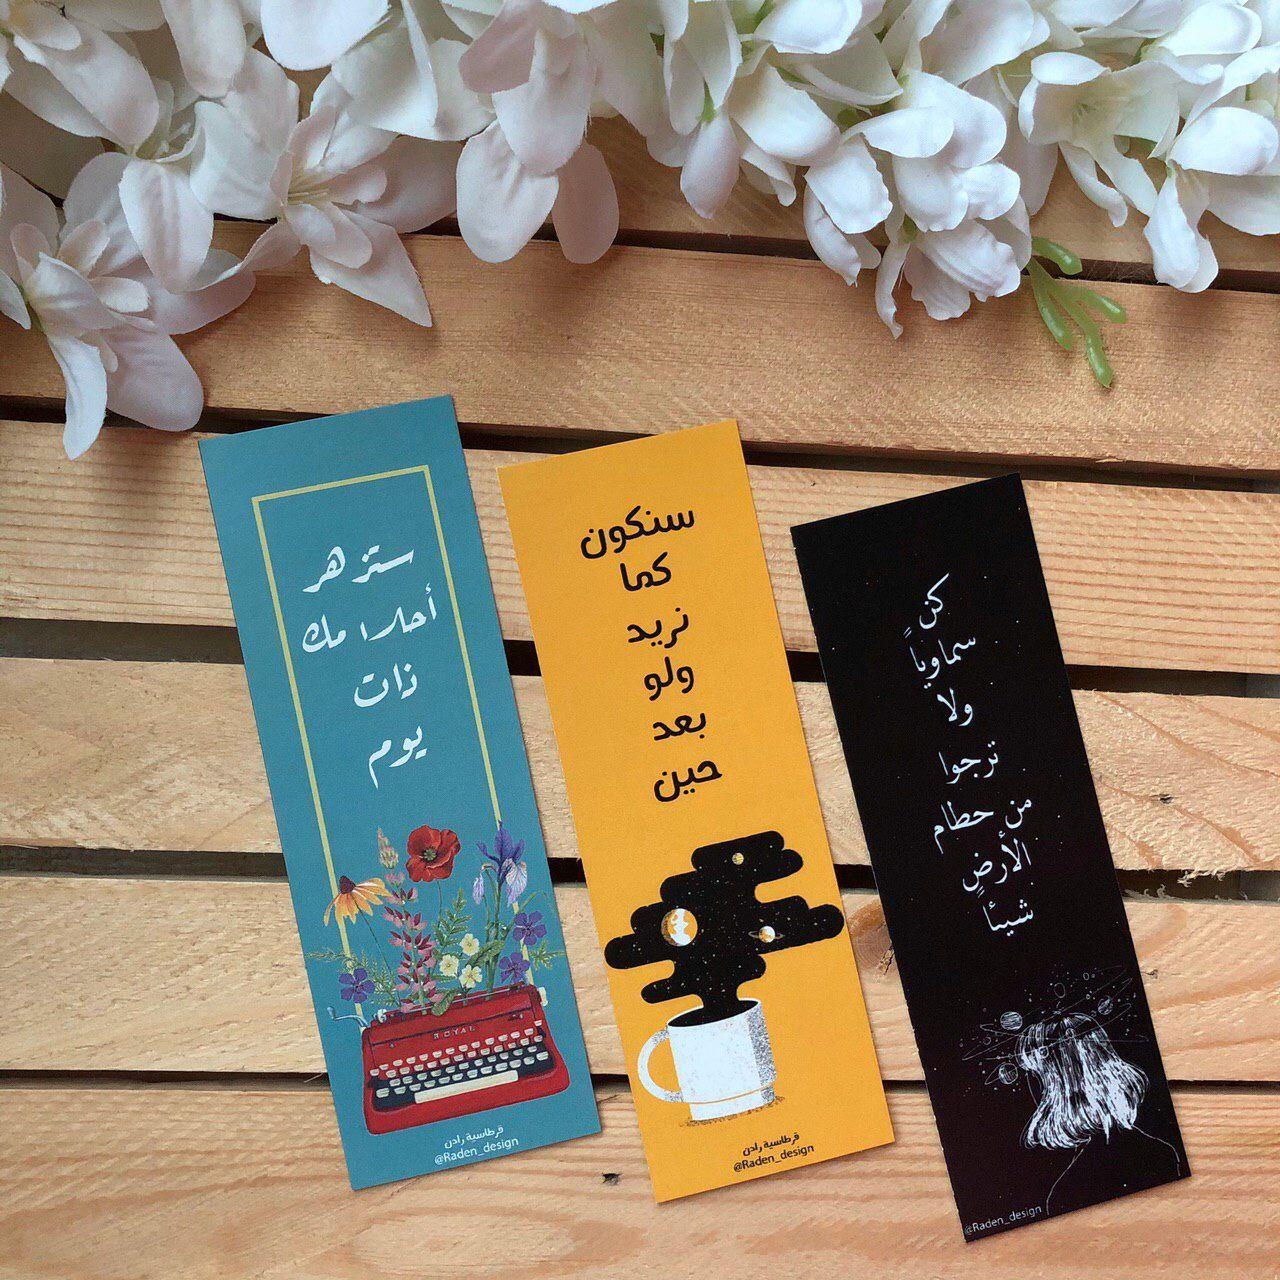 قرطاسية رادن Raden Design Instagram Photos And Videos Glitch Wallpaper Digital Photography Books Design